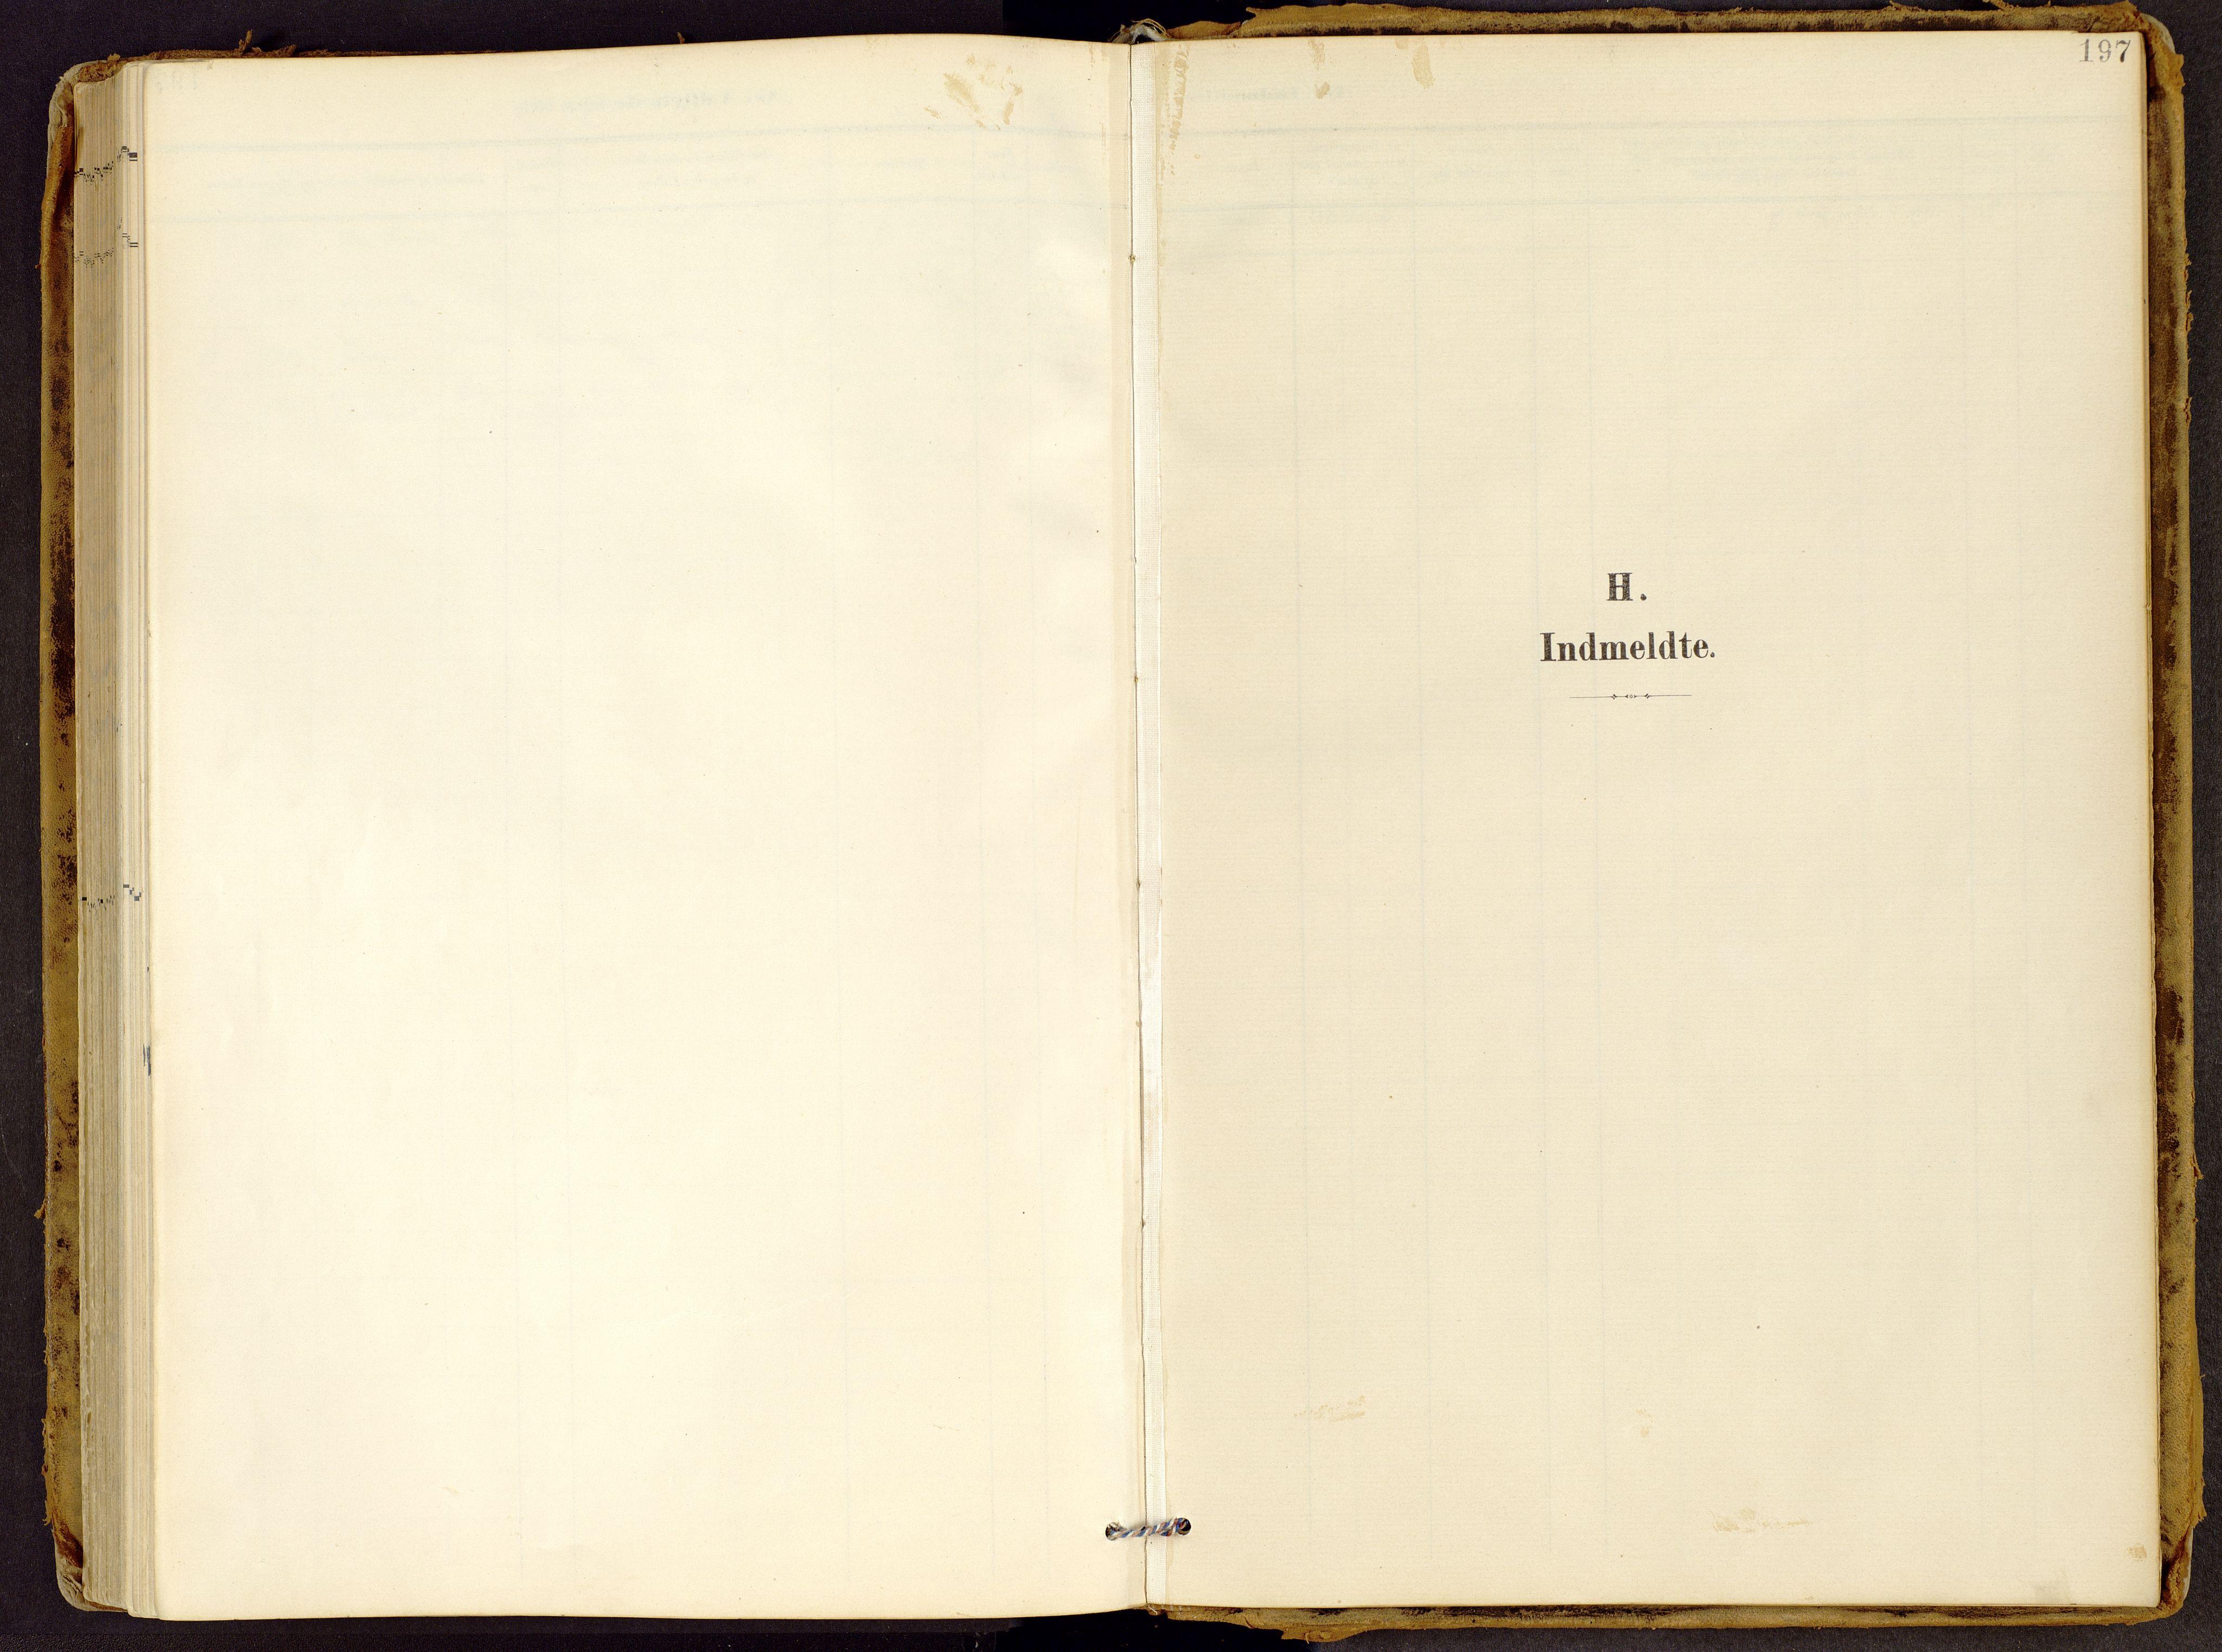 SAH, Brandbu prestekontor, Ministerialbok nr. 2, 1899-1914, s. 197